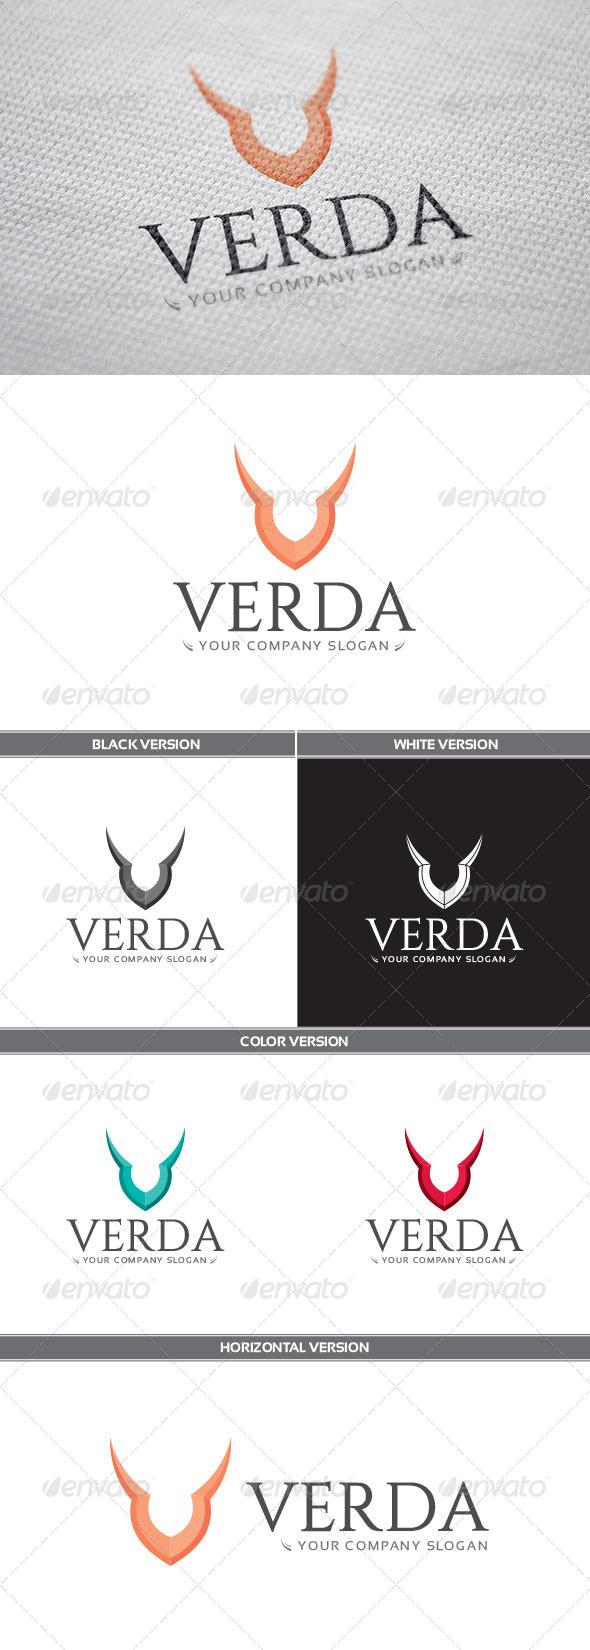 GraphicRiver Verda Logo 8173398